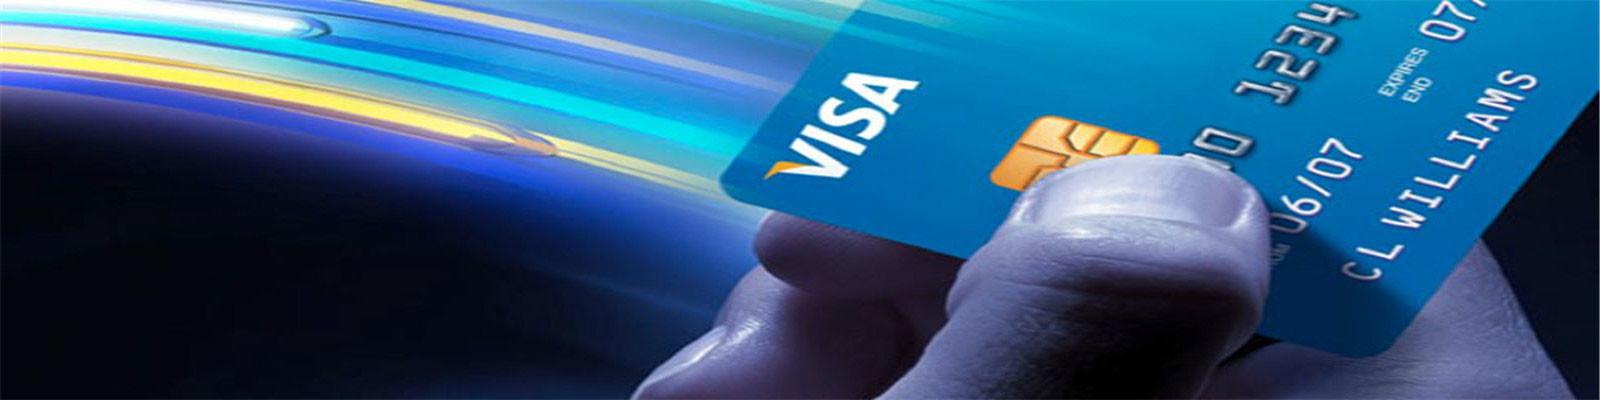 Czytnik kart RFID